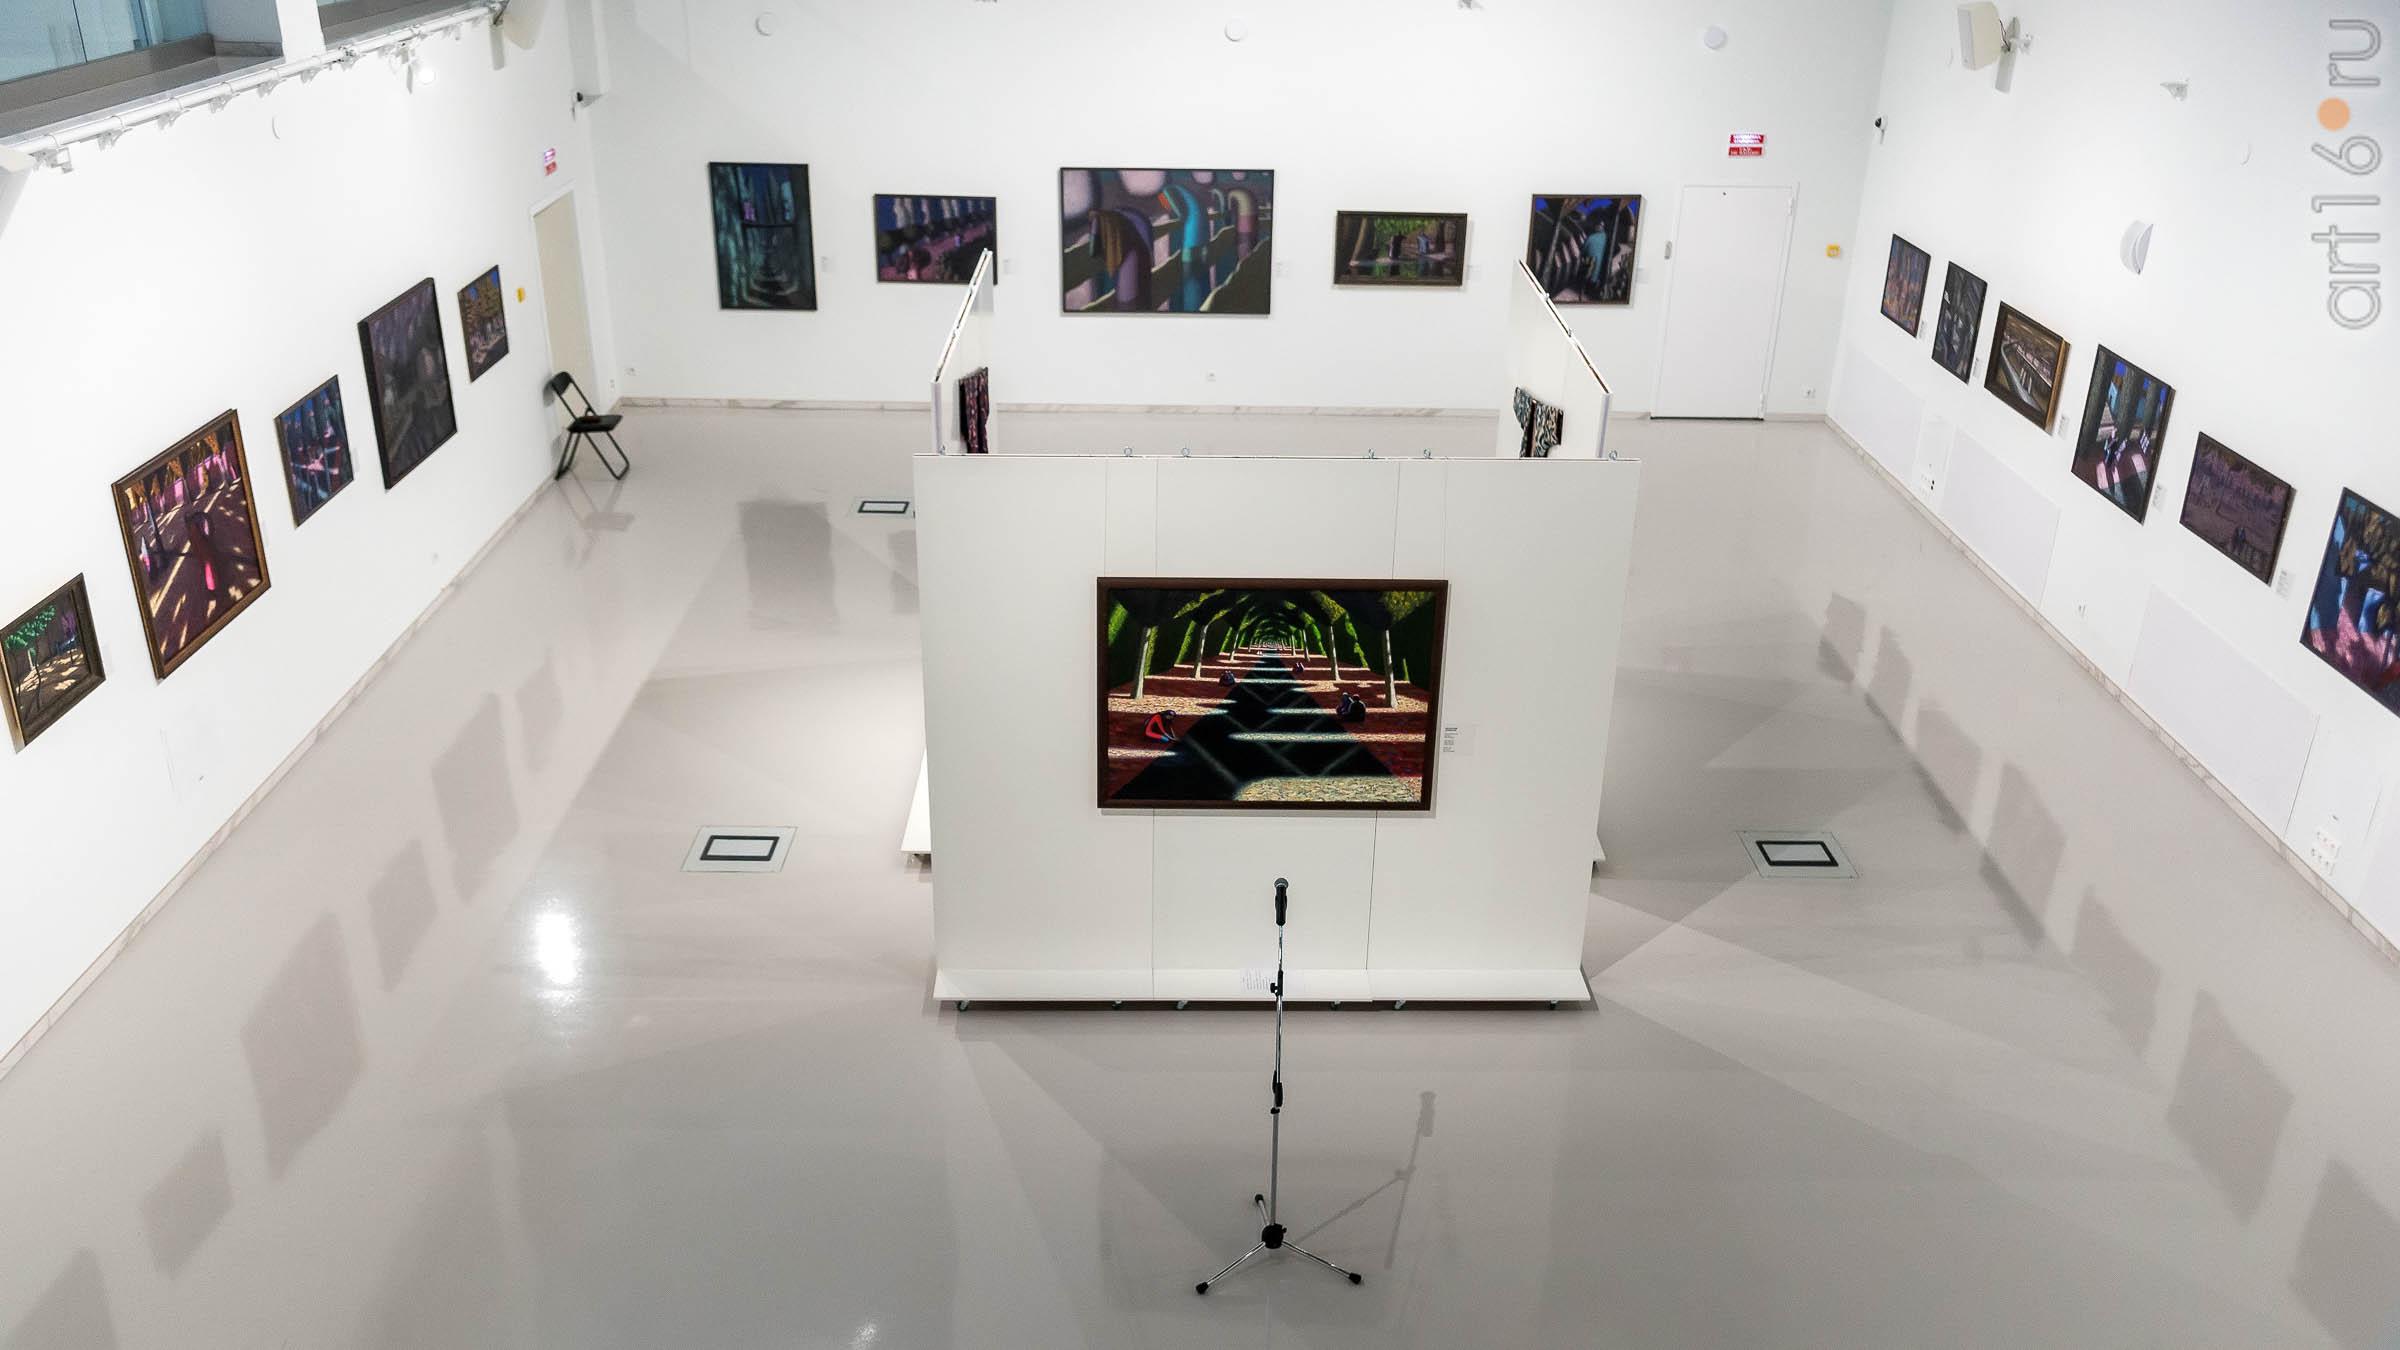 Экспозиция выставки ʺК солнцуʺ А. Акилова::Александр Акилов. К солнцу